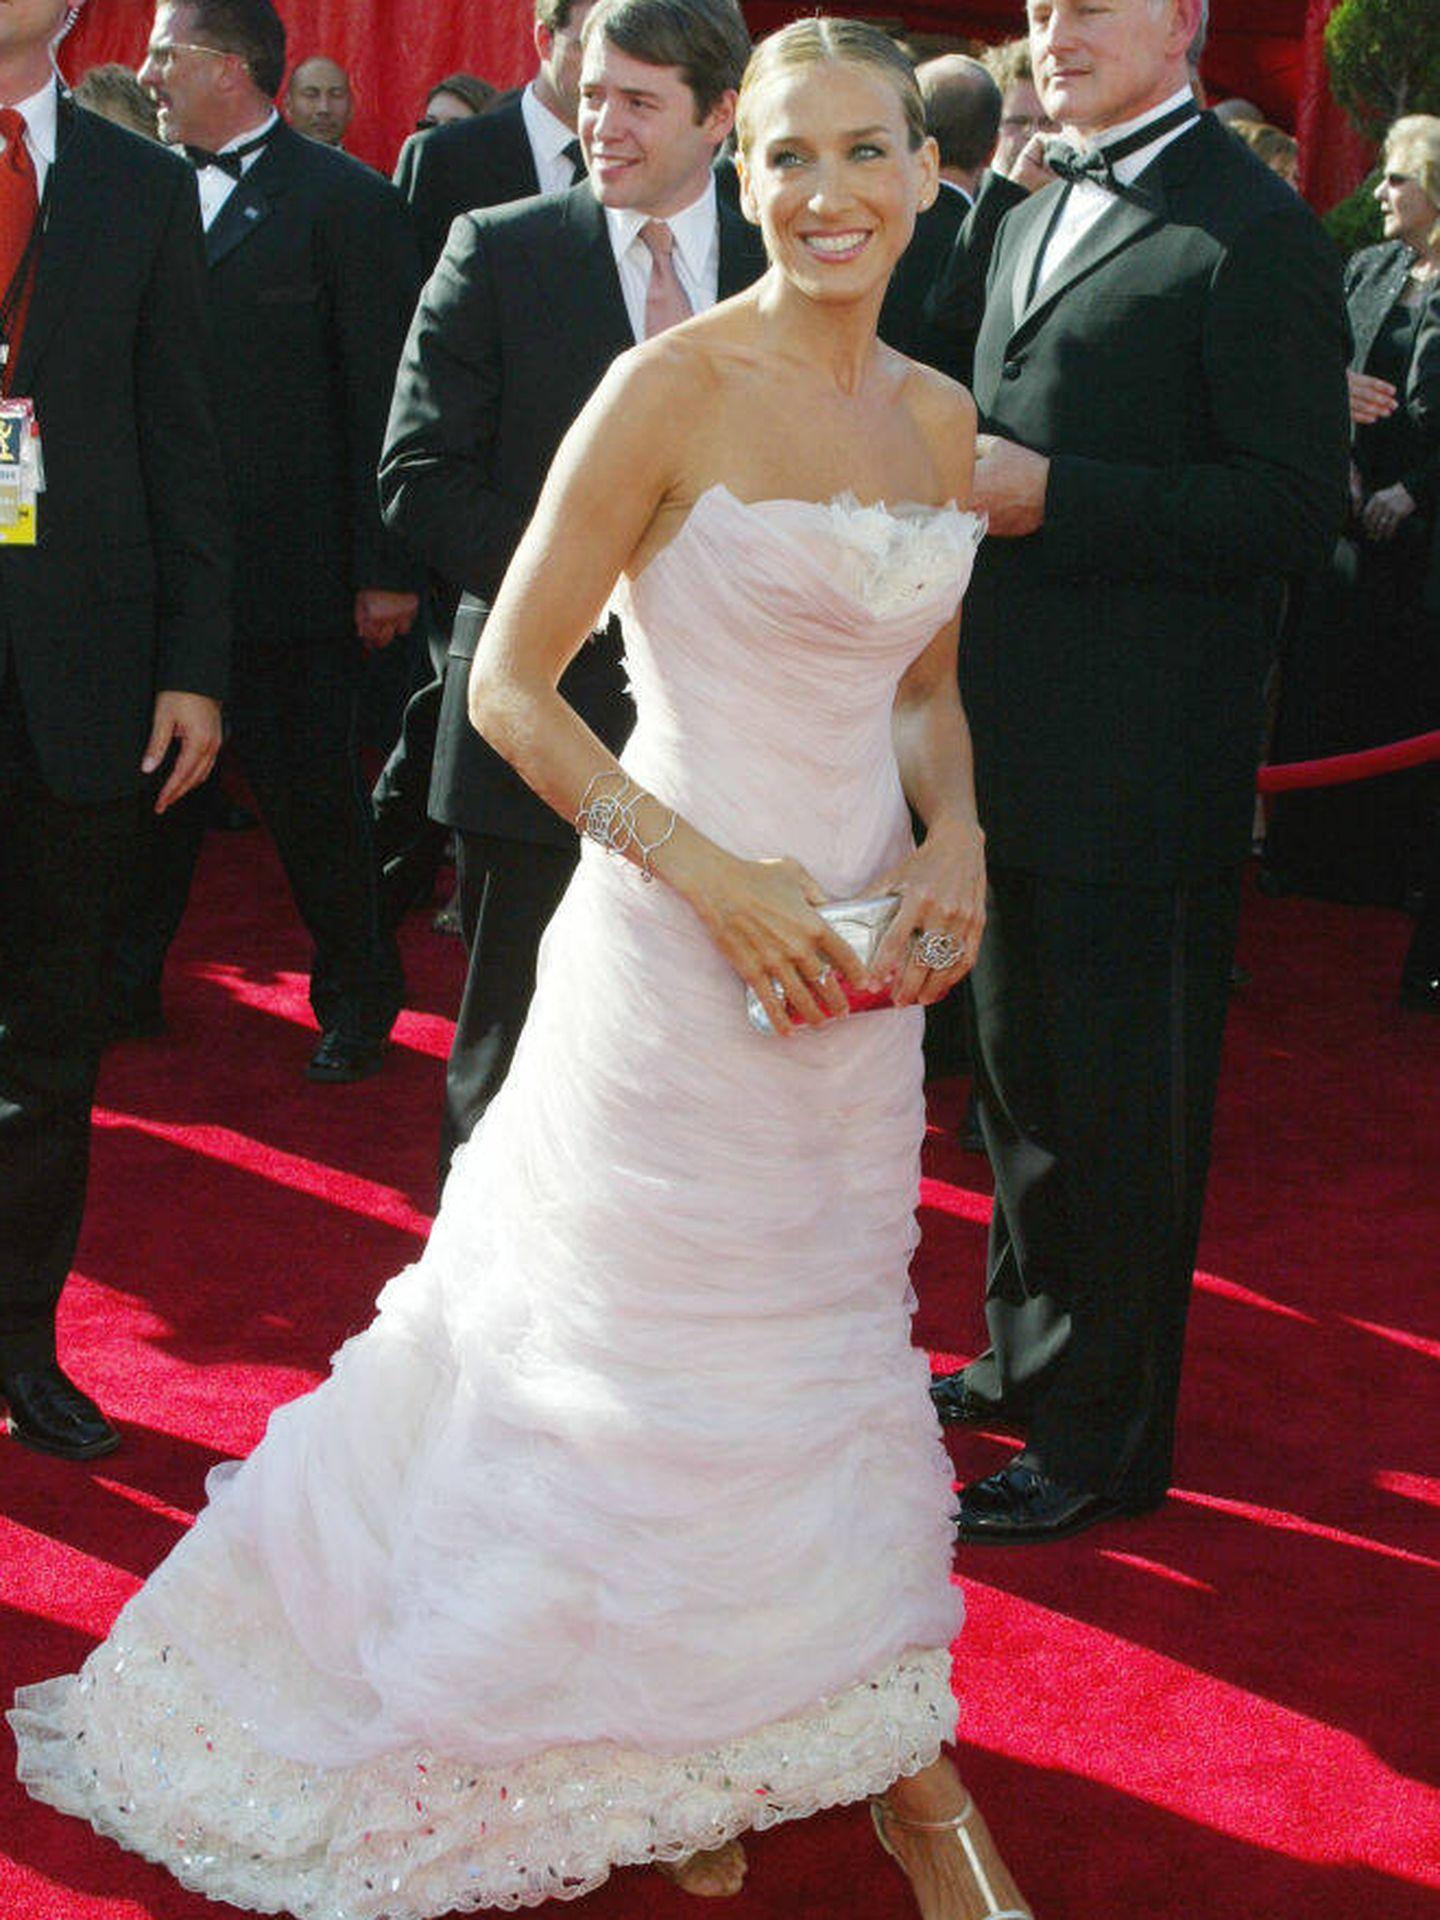 Sarah Jessica Parker en los Premios Emmy 2003. (Getty Images)